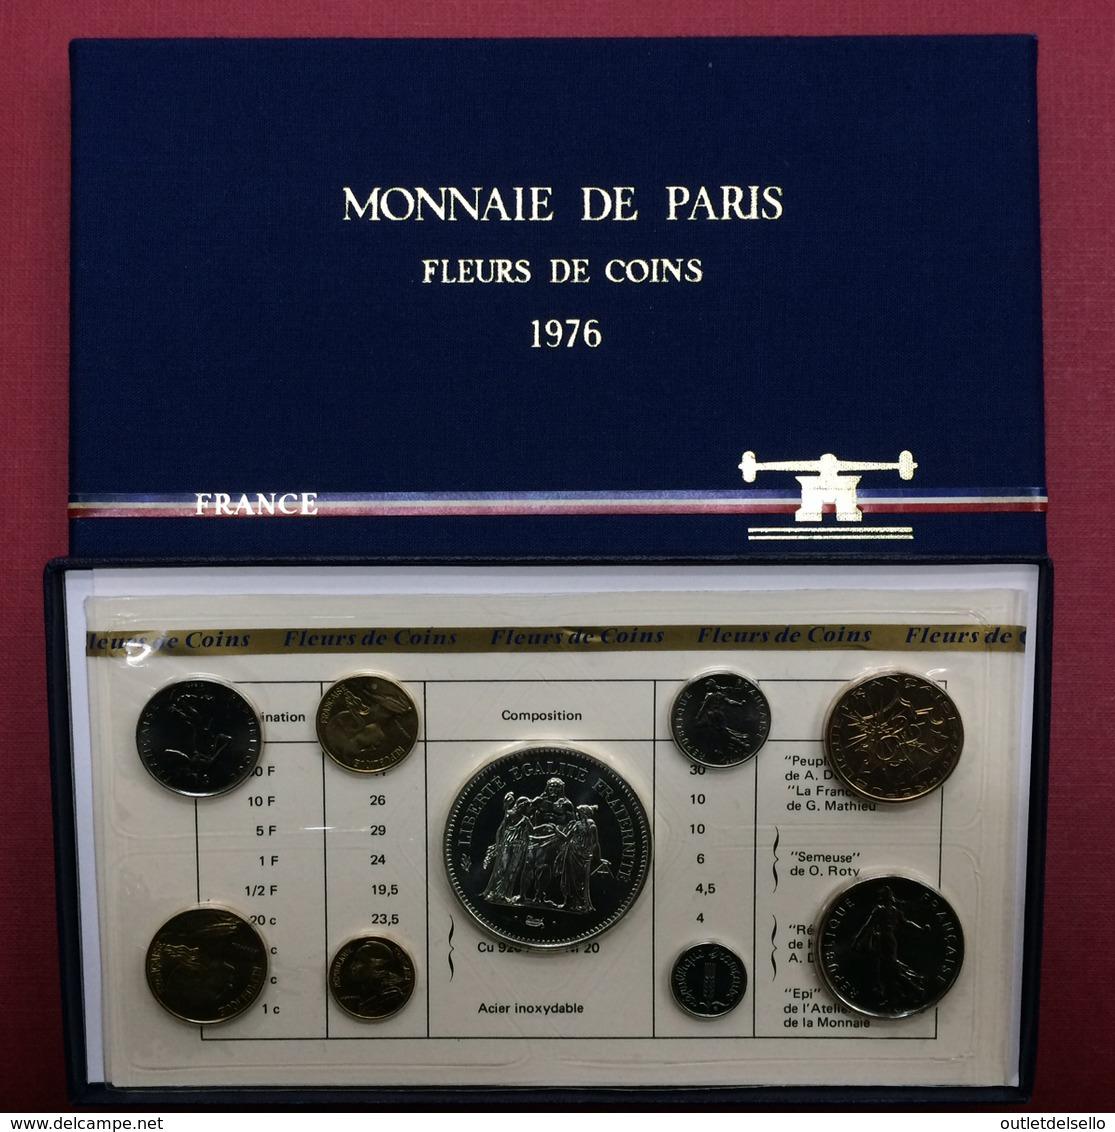 COFFRET FRANCE 1976 FDC OFFICIEL DE LA MONNAIE DE PARIS Avec 50 Francs En Argent - Colecciones